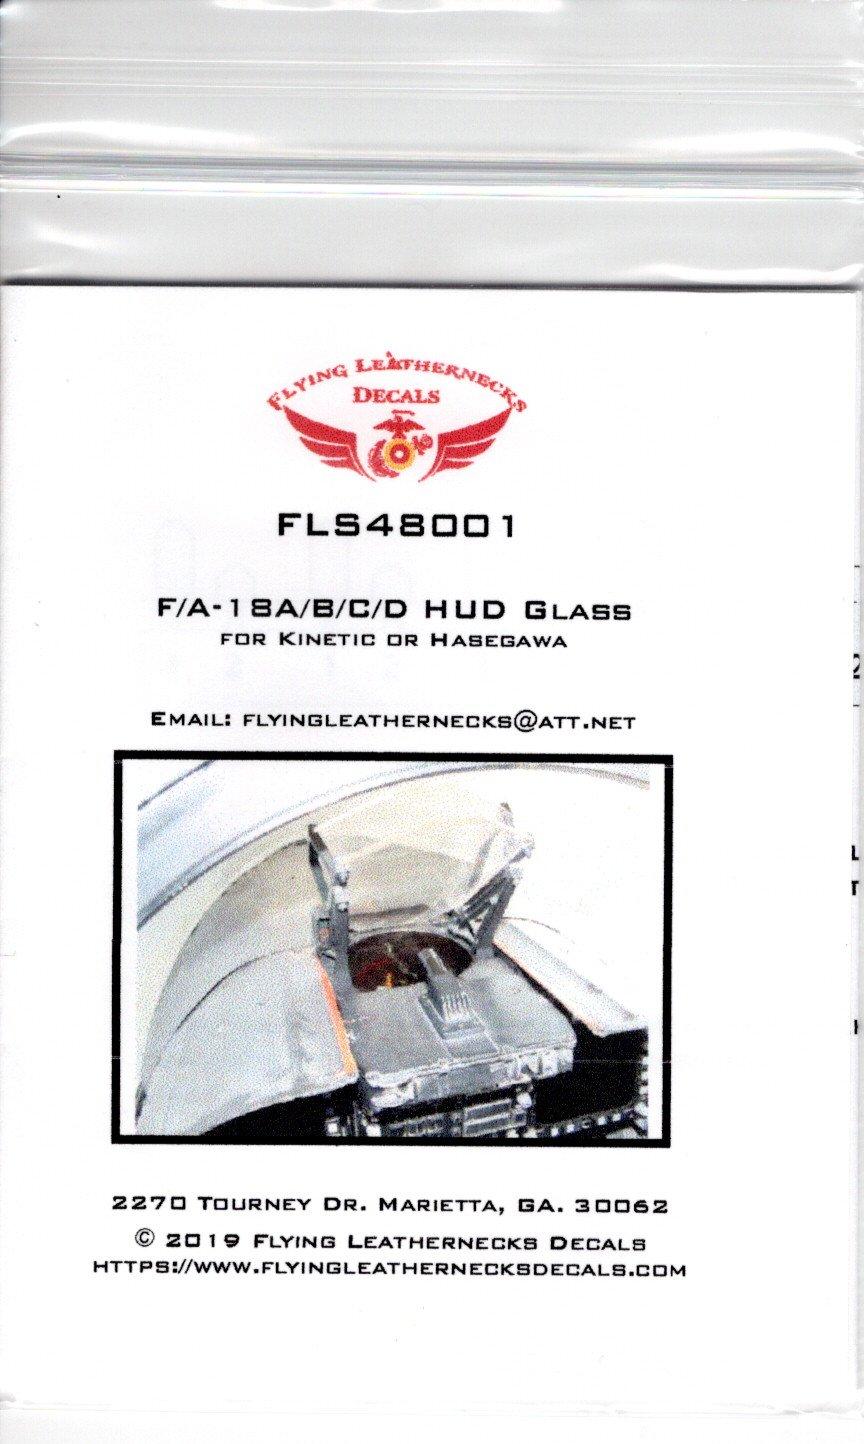 FLS48001